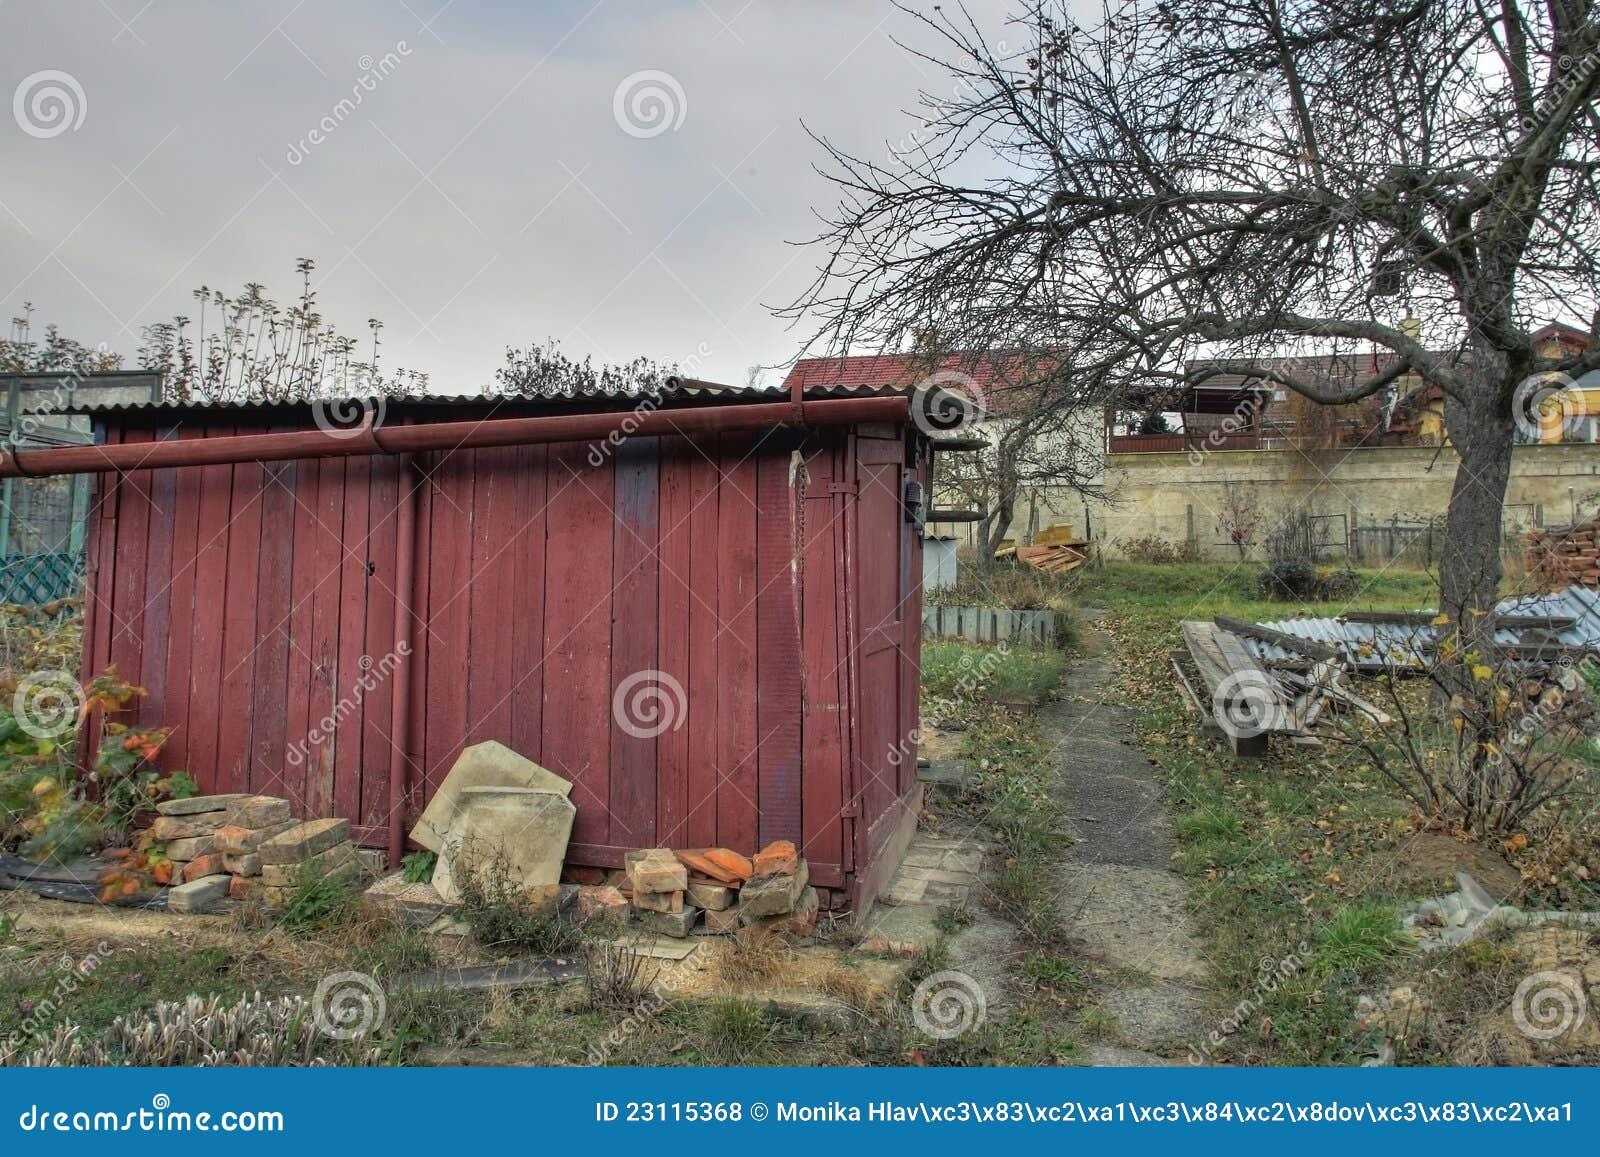 Vieille cabane dans le jardin photos libres de droits for Cabane outil jardin